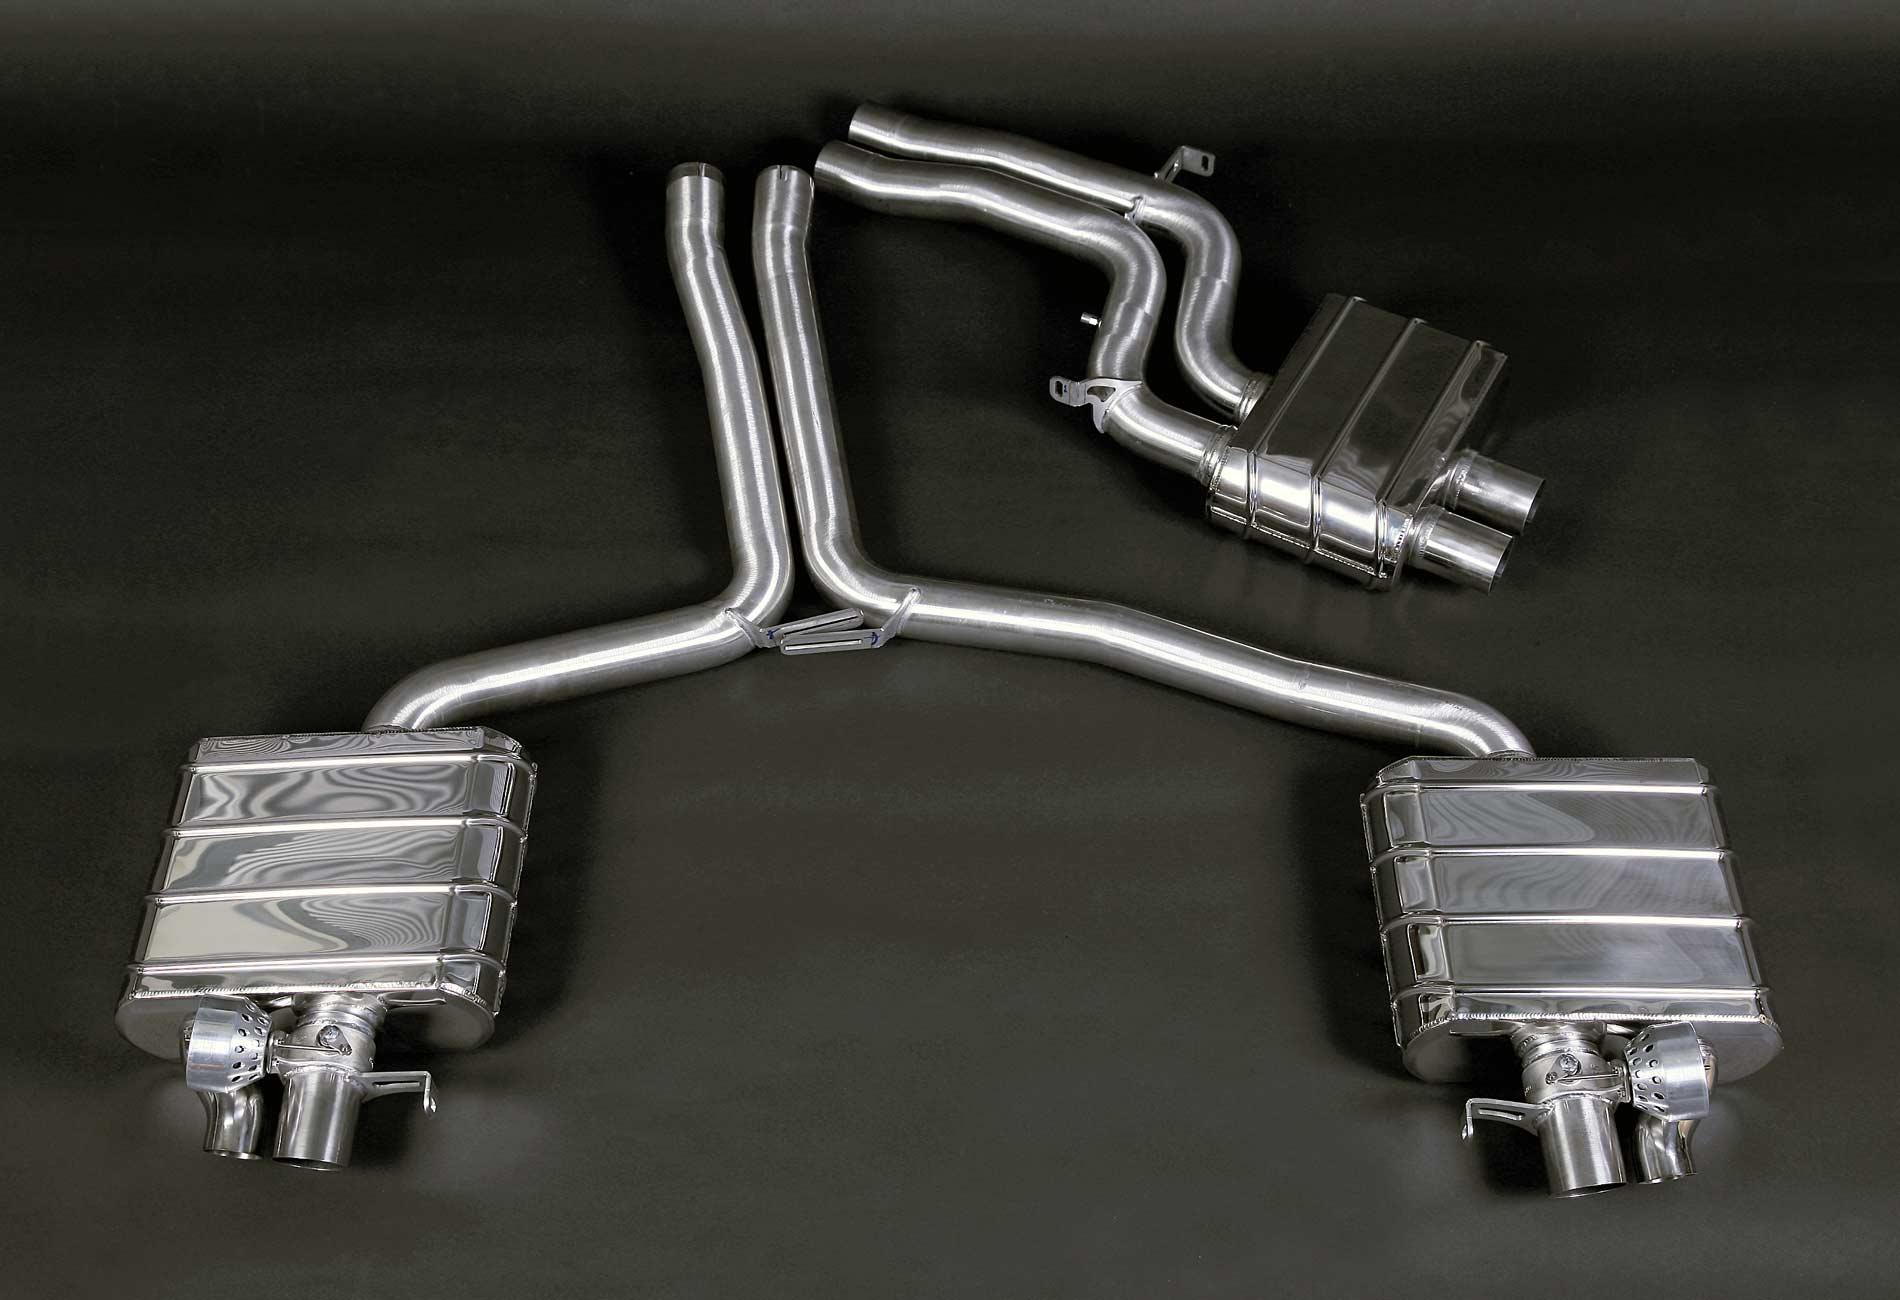 AUDI RS4 / RS5 (B8) Auspuffanlage mit Klappensteuerung